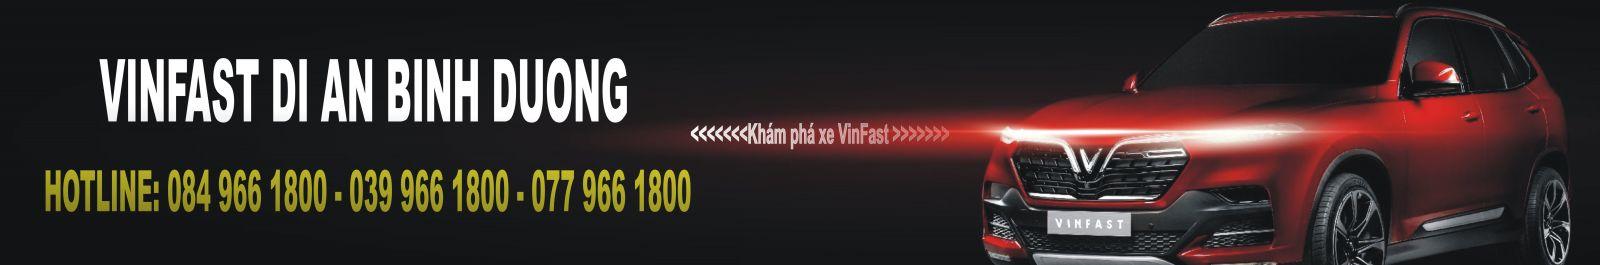 VINFAST LANDMARK 81